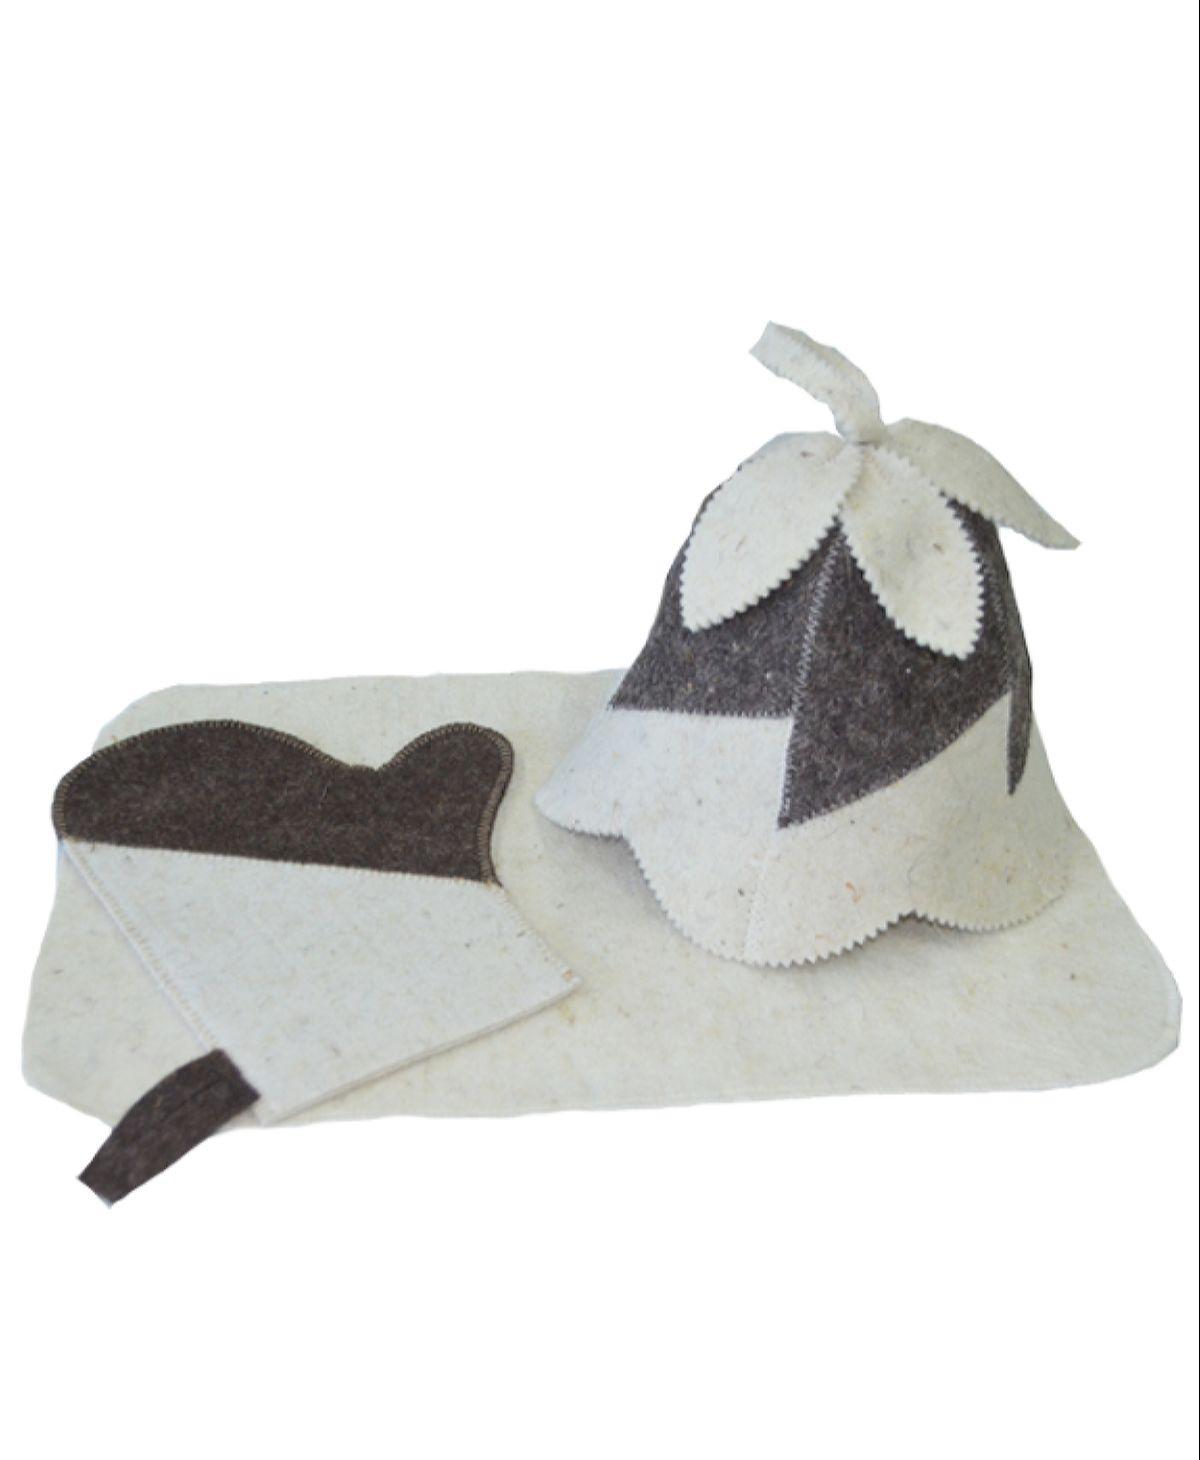 Банный комплект Pastel для бвани и сауны, 20090, бежевый